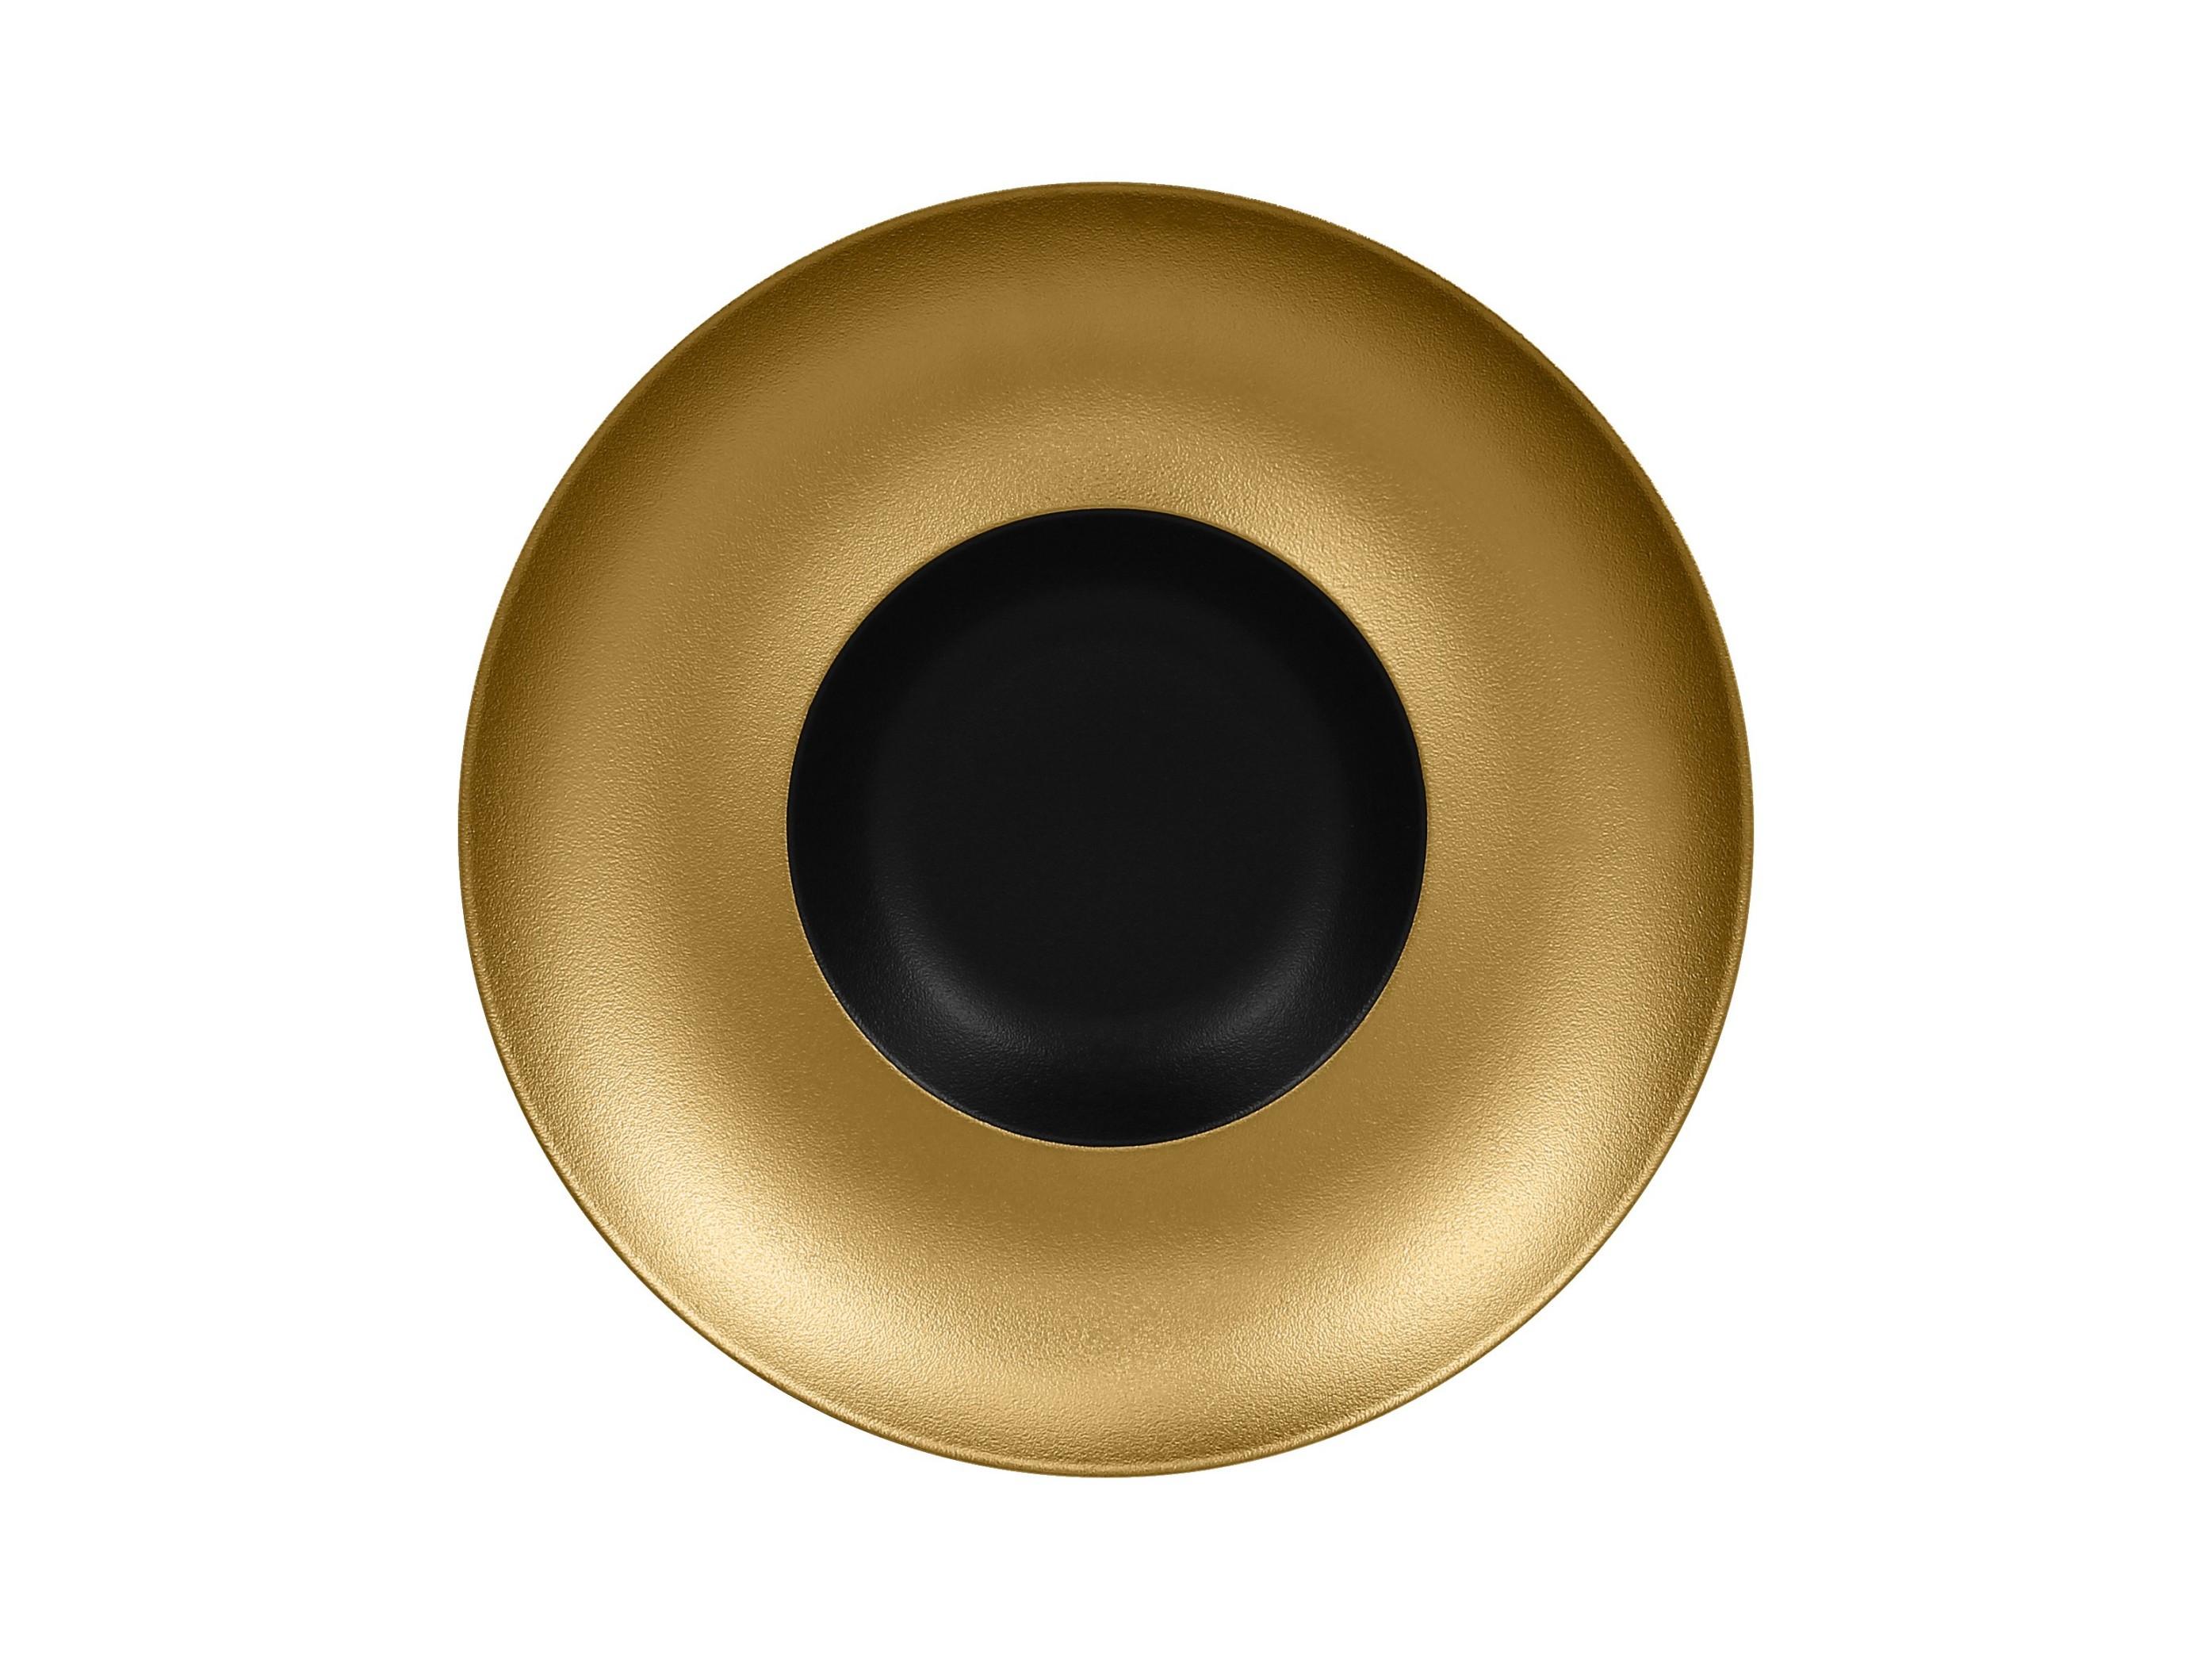 RAK | Metalfusion talíř hluboký Gourmet pr. 29 cm, černo-zlatý